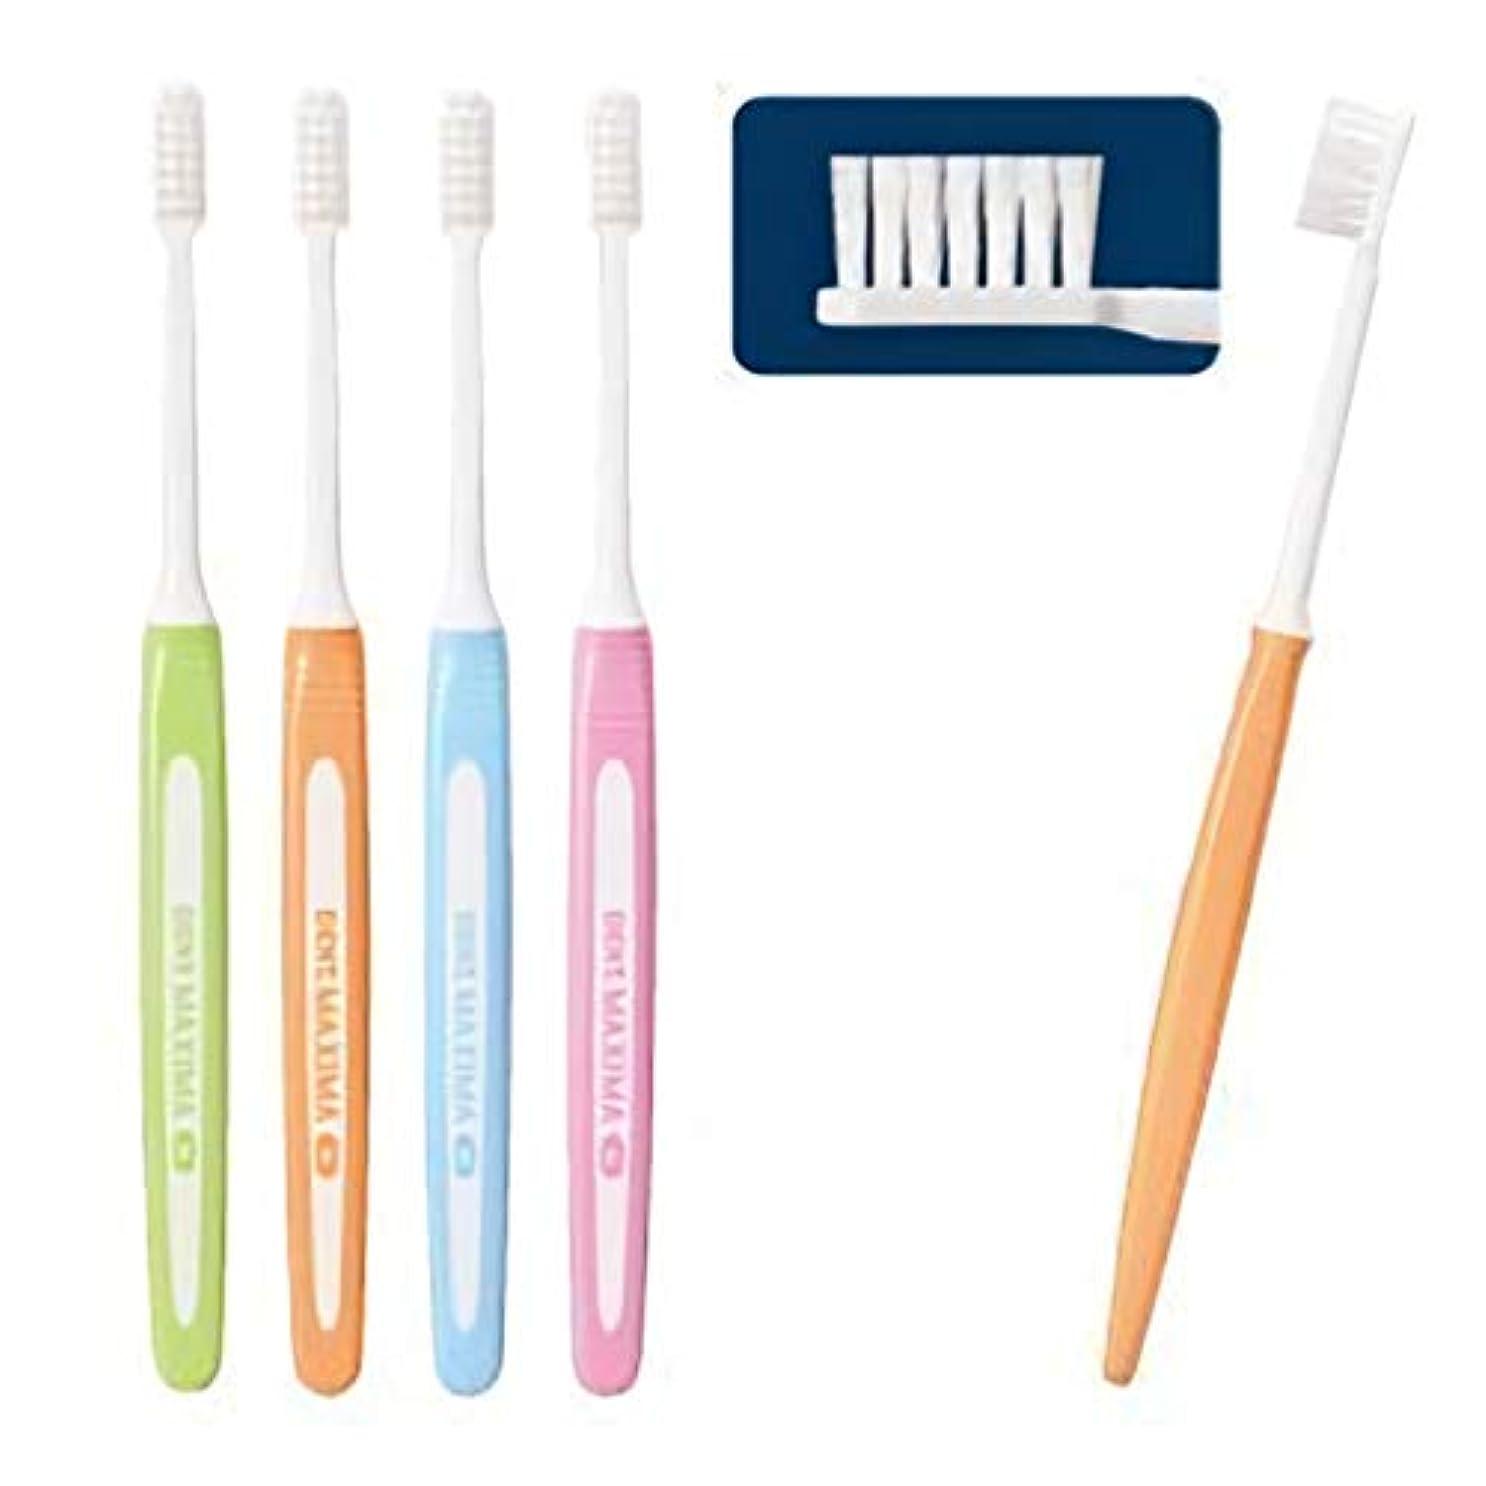 理想的には縫い目レイDENT.MAXIMA 歯ブラシ MS(ミディアムソフト) × 12本【デント マキシマ】